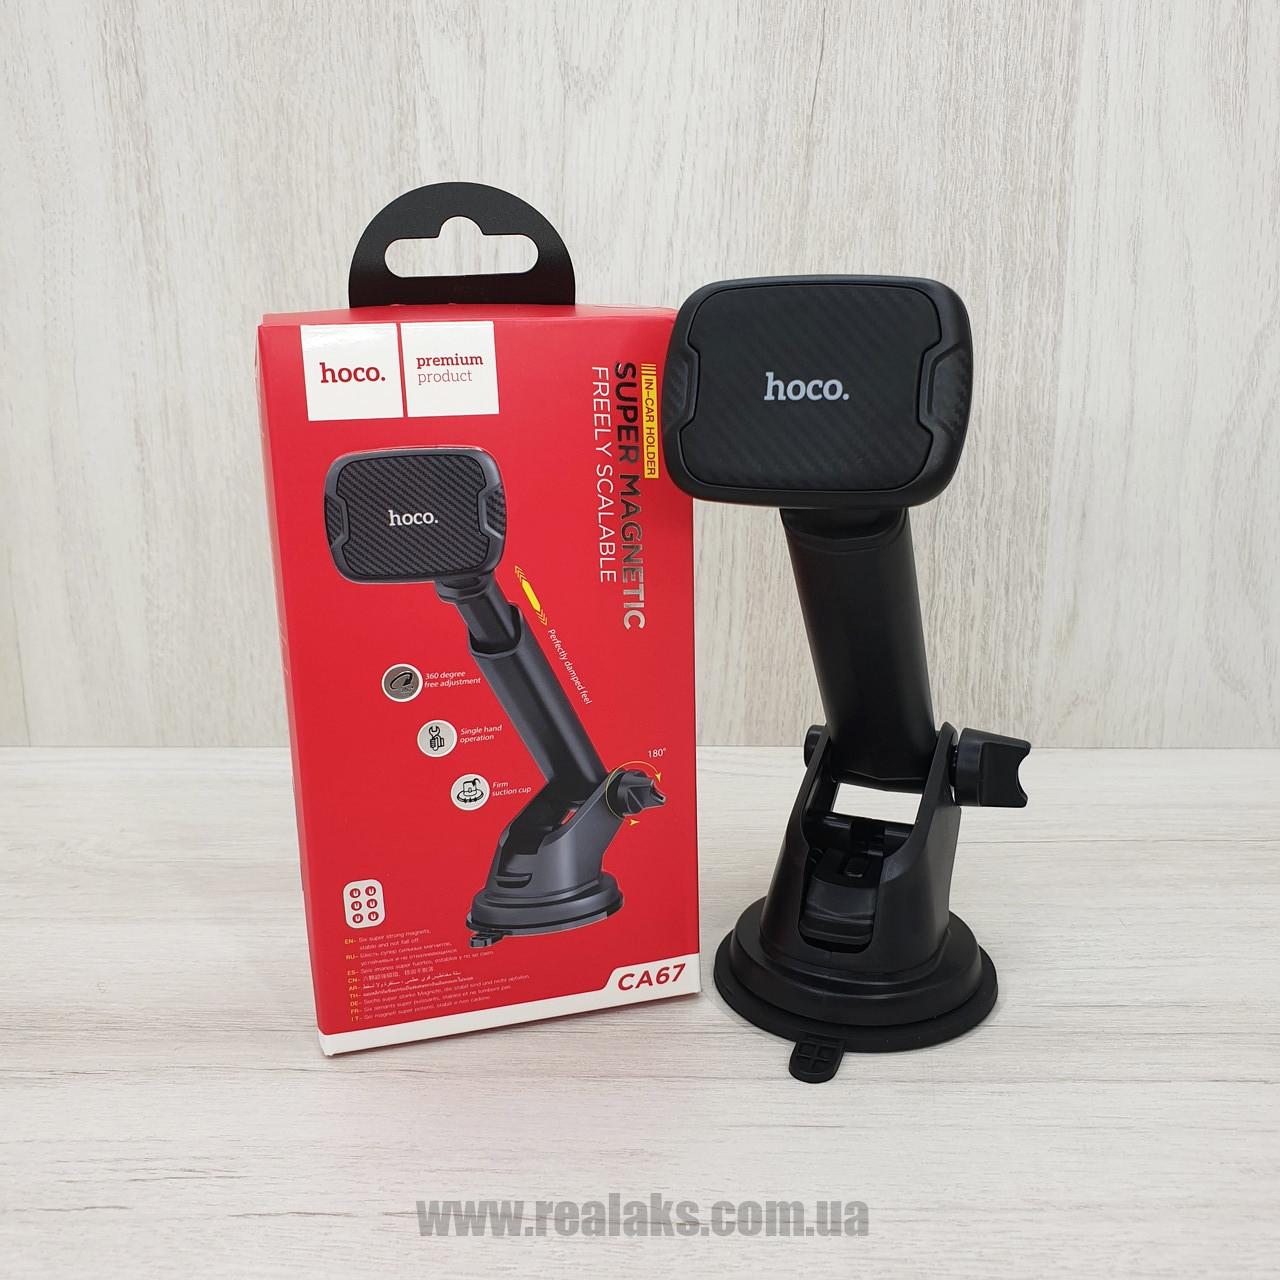 Магнитный автомобильный держатель для телефона Hoco CA67 (Black)